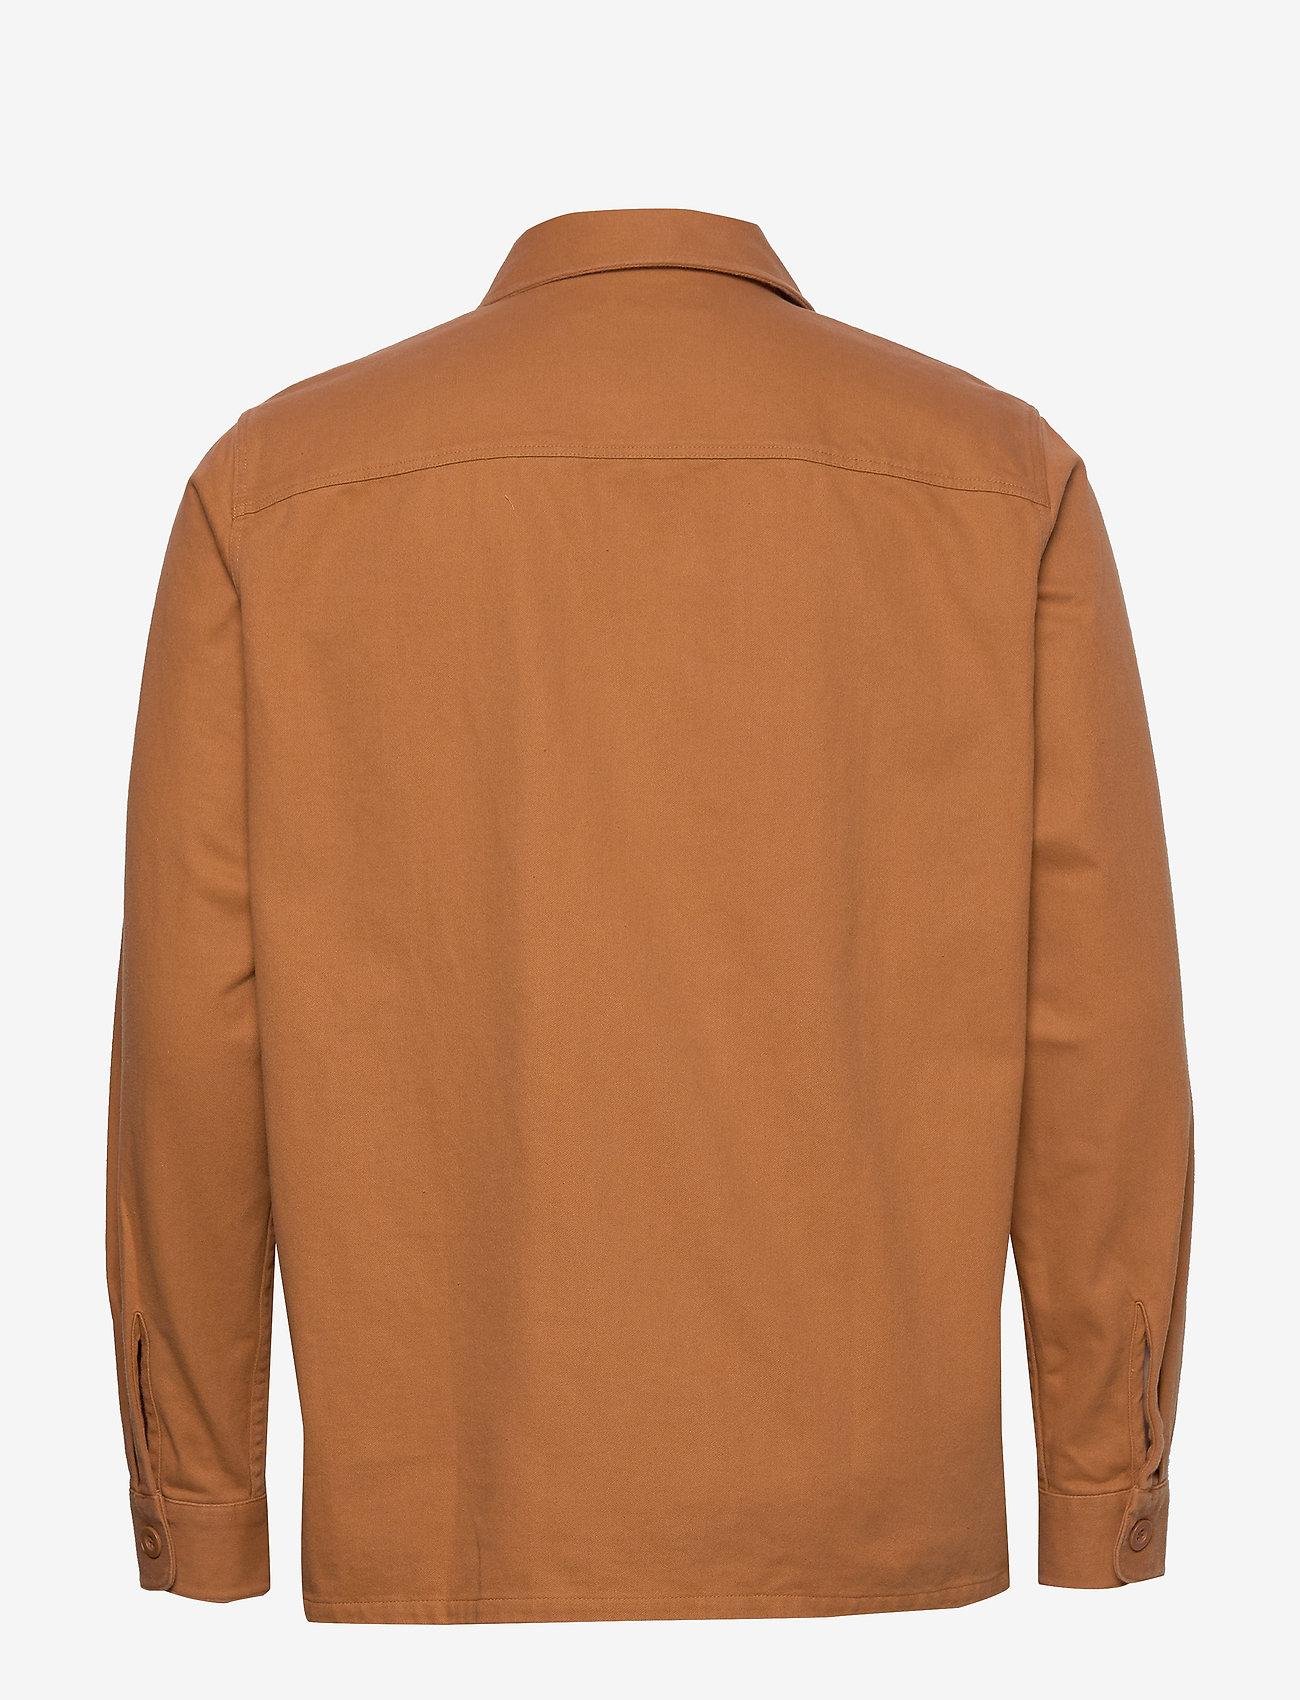 Luccas N Shirt 11383 (Meerkat) (65.45 €) - Samsøe Samsøe Zmd9b